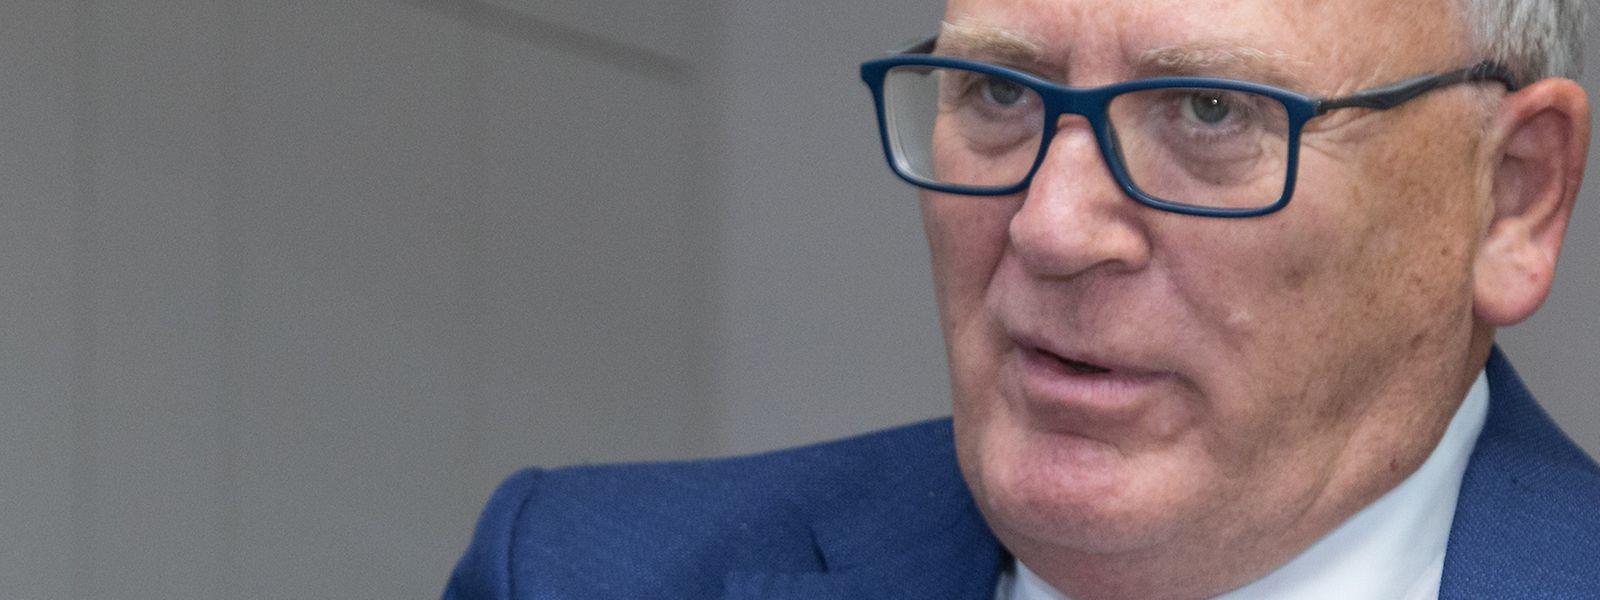 Für Luxemburg soll Nicolas Schmit in die EU-Kommission genannt werden.